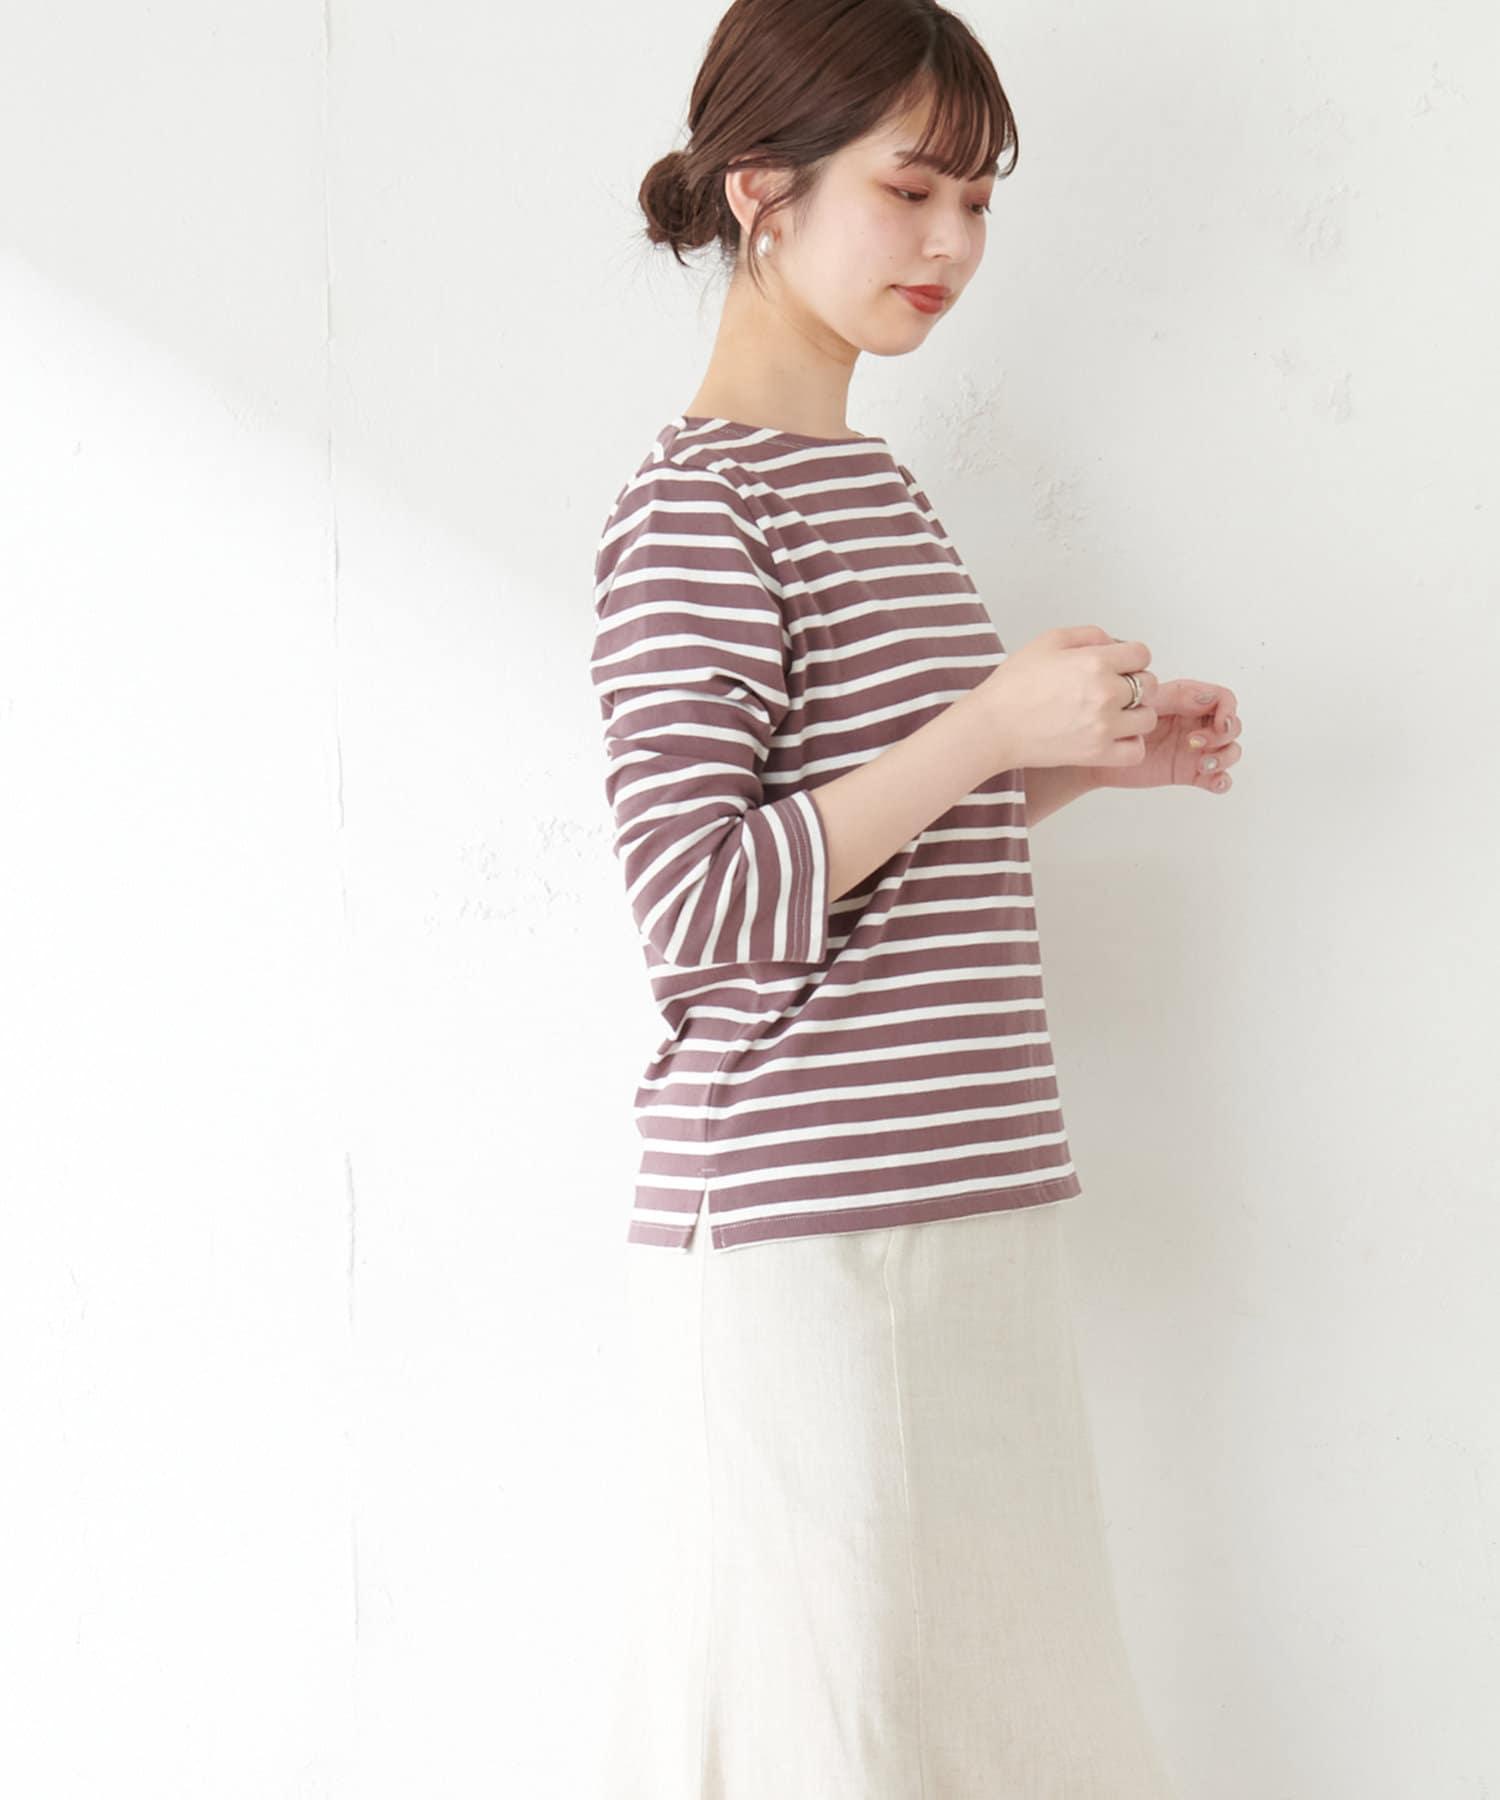 natural couture(ナチュラルクチュール) 【WEB限定カラー有り】便利なベーシックボーダーT